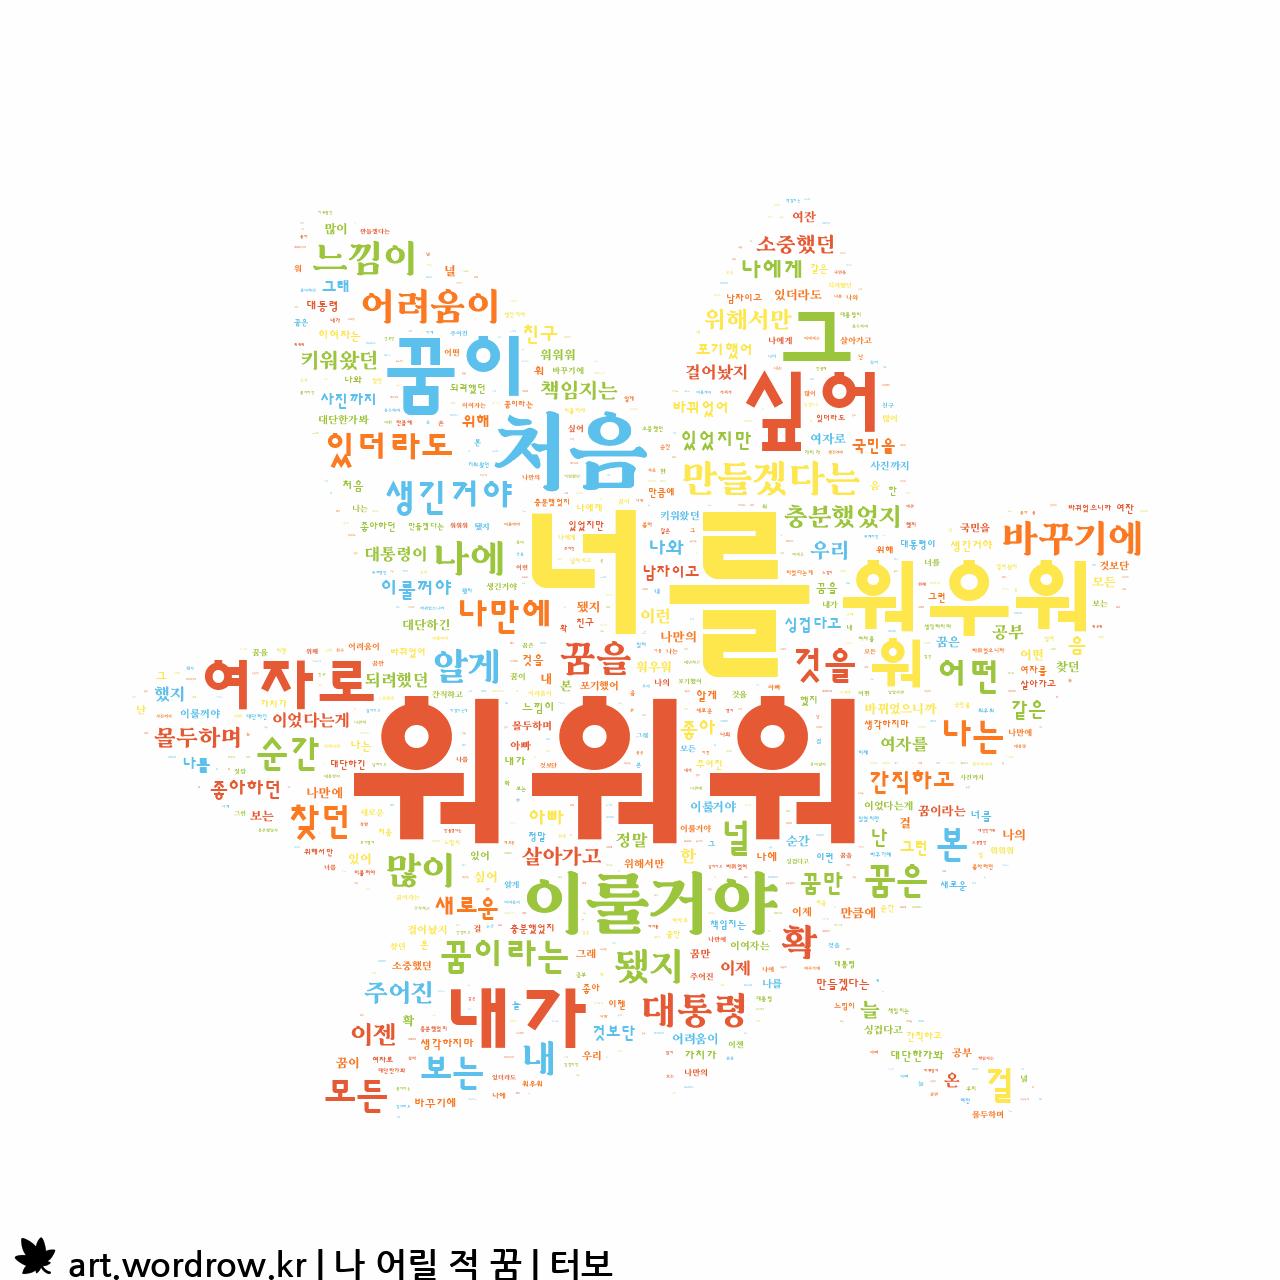 워드 아트: 나 어릴 적 꿈 [터보]-61